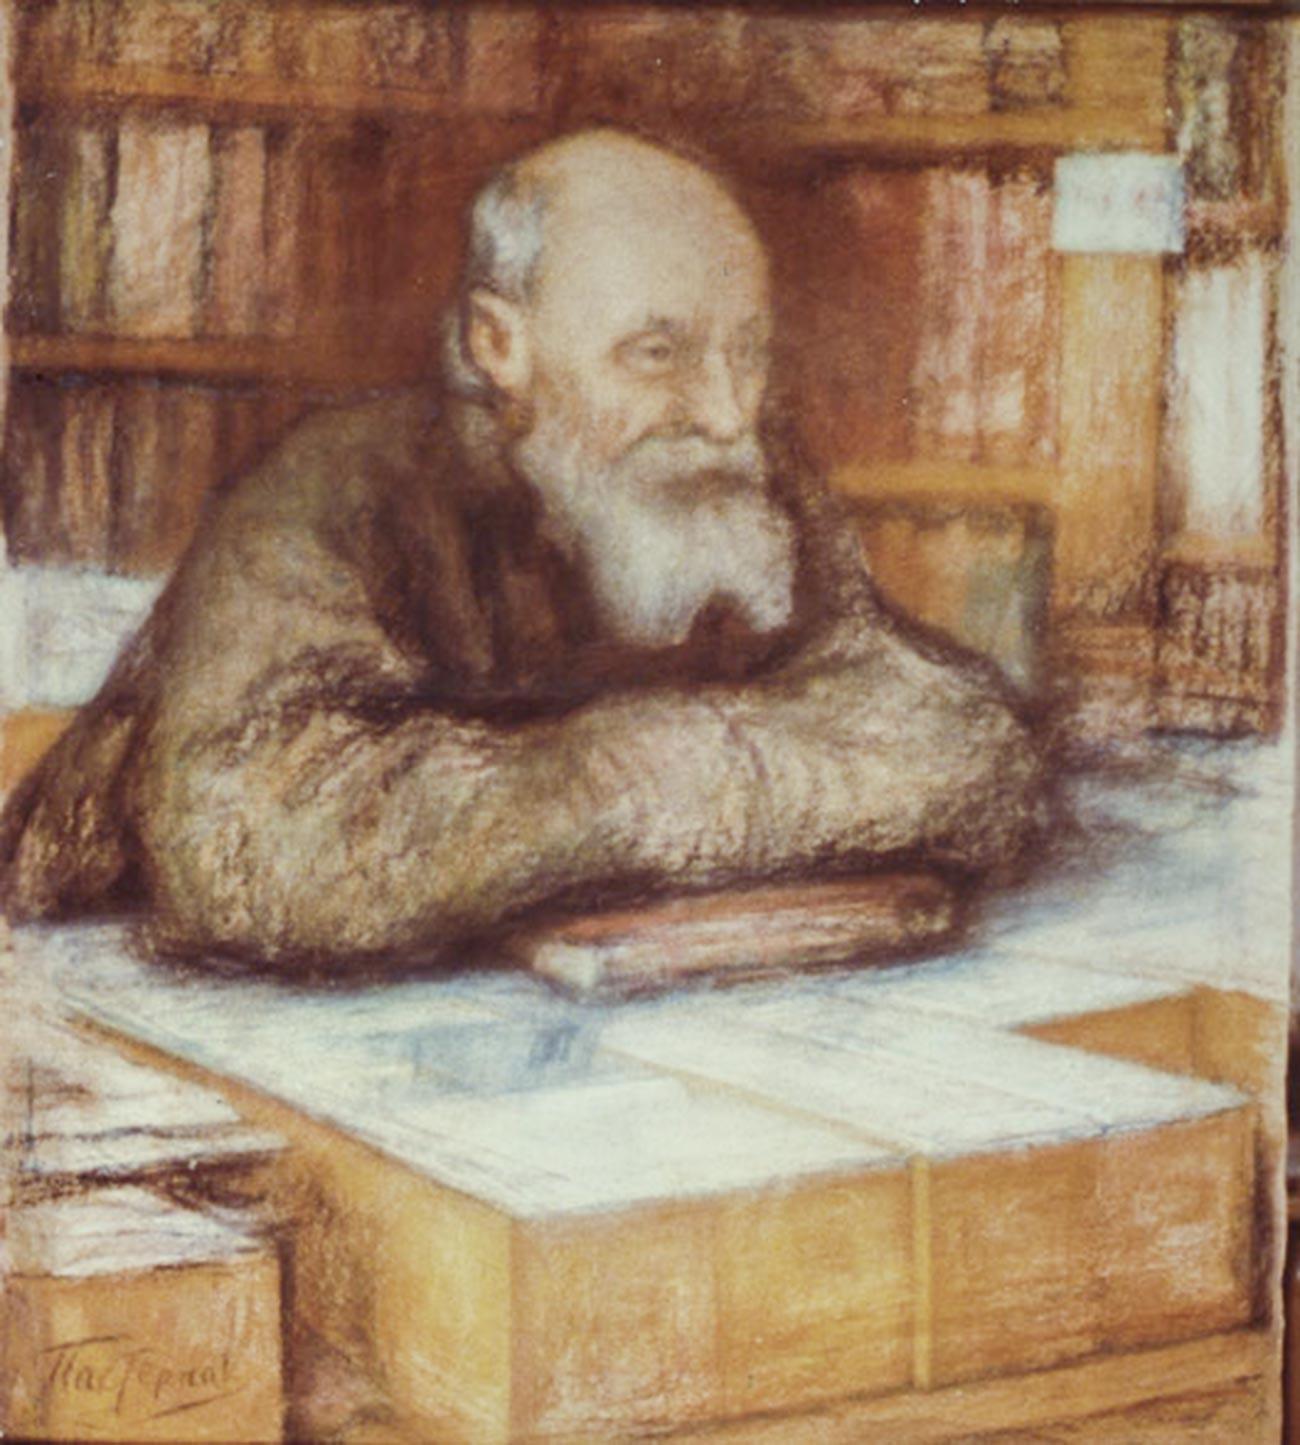 Portret Nikolaja Fjodorova avtorja Leonida Pasternaka